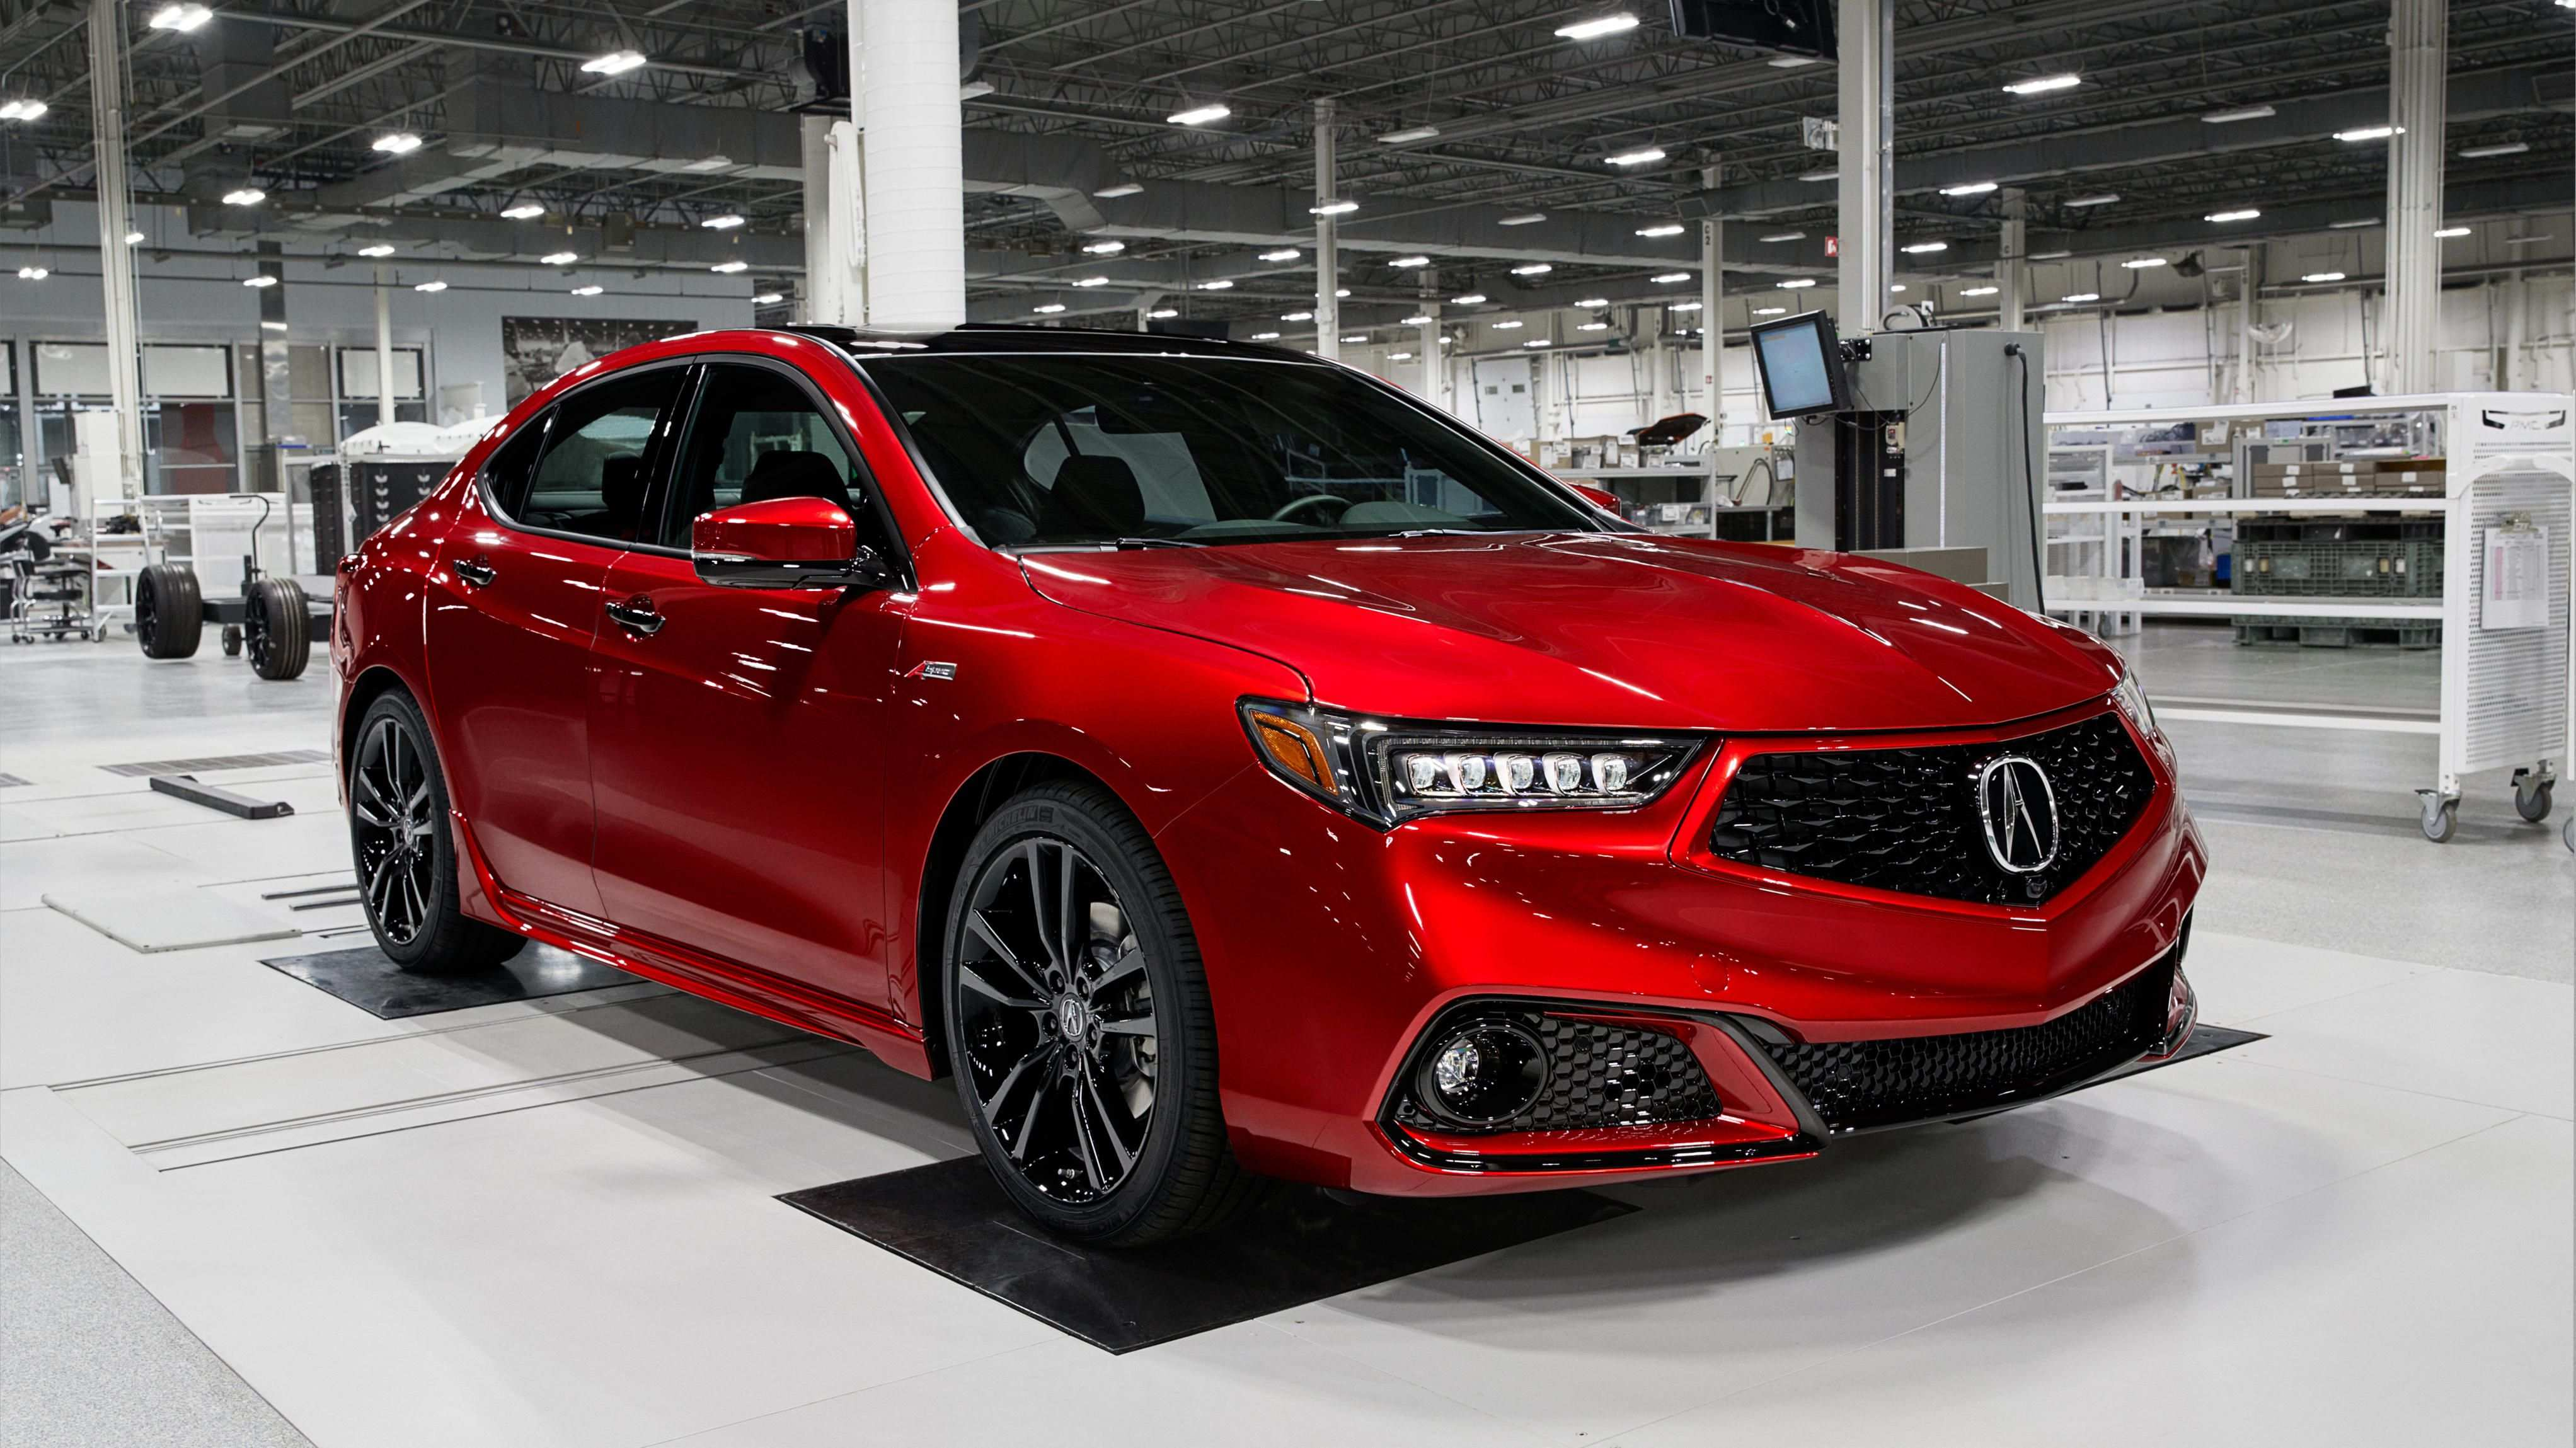 33 Gallery of Acura Car 2020 Spy Shoot for Acura Car 2020